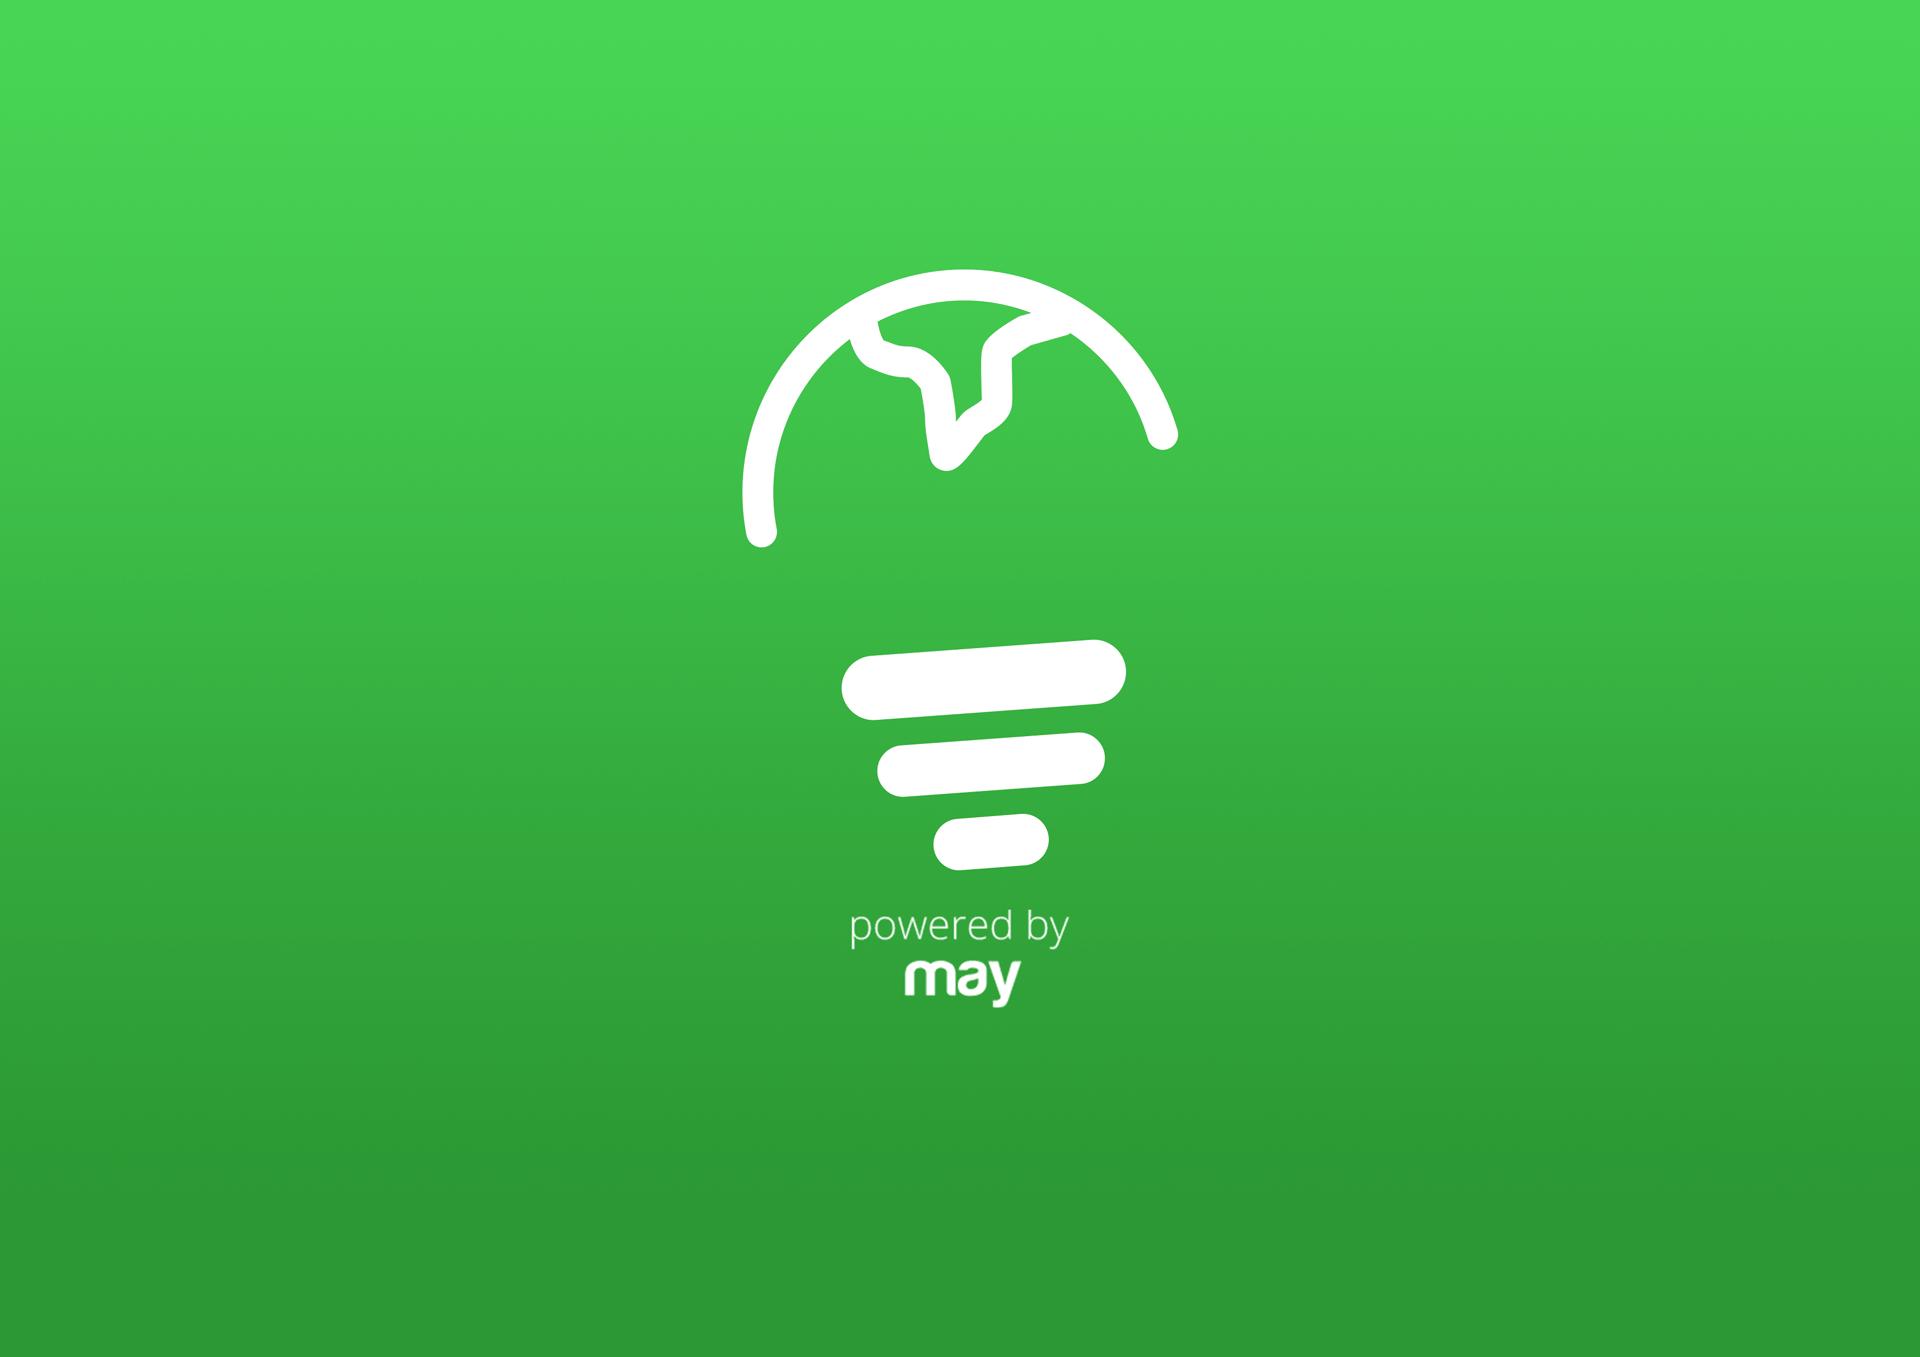 MaY Green